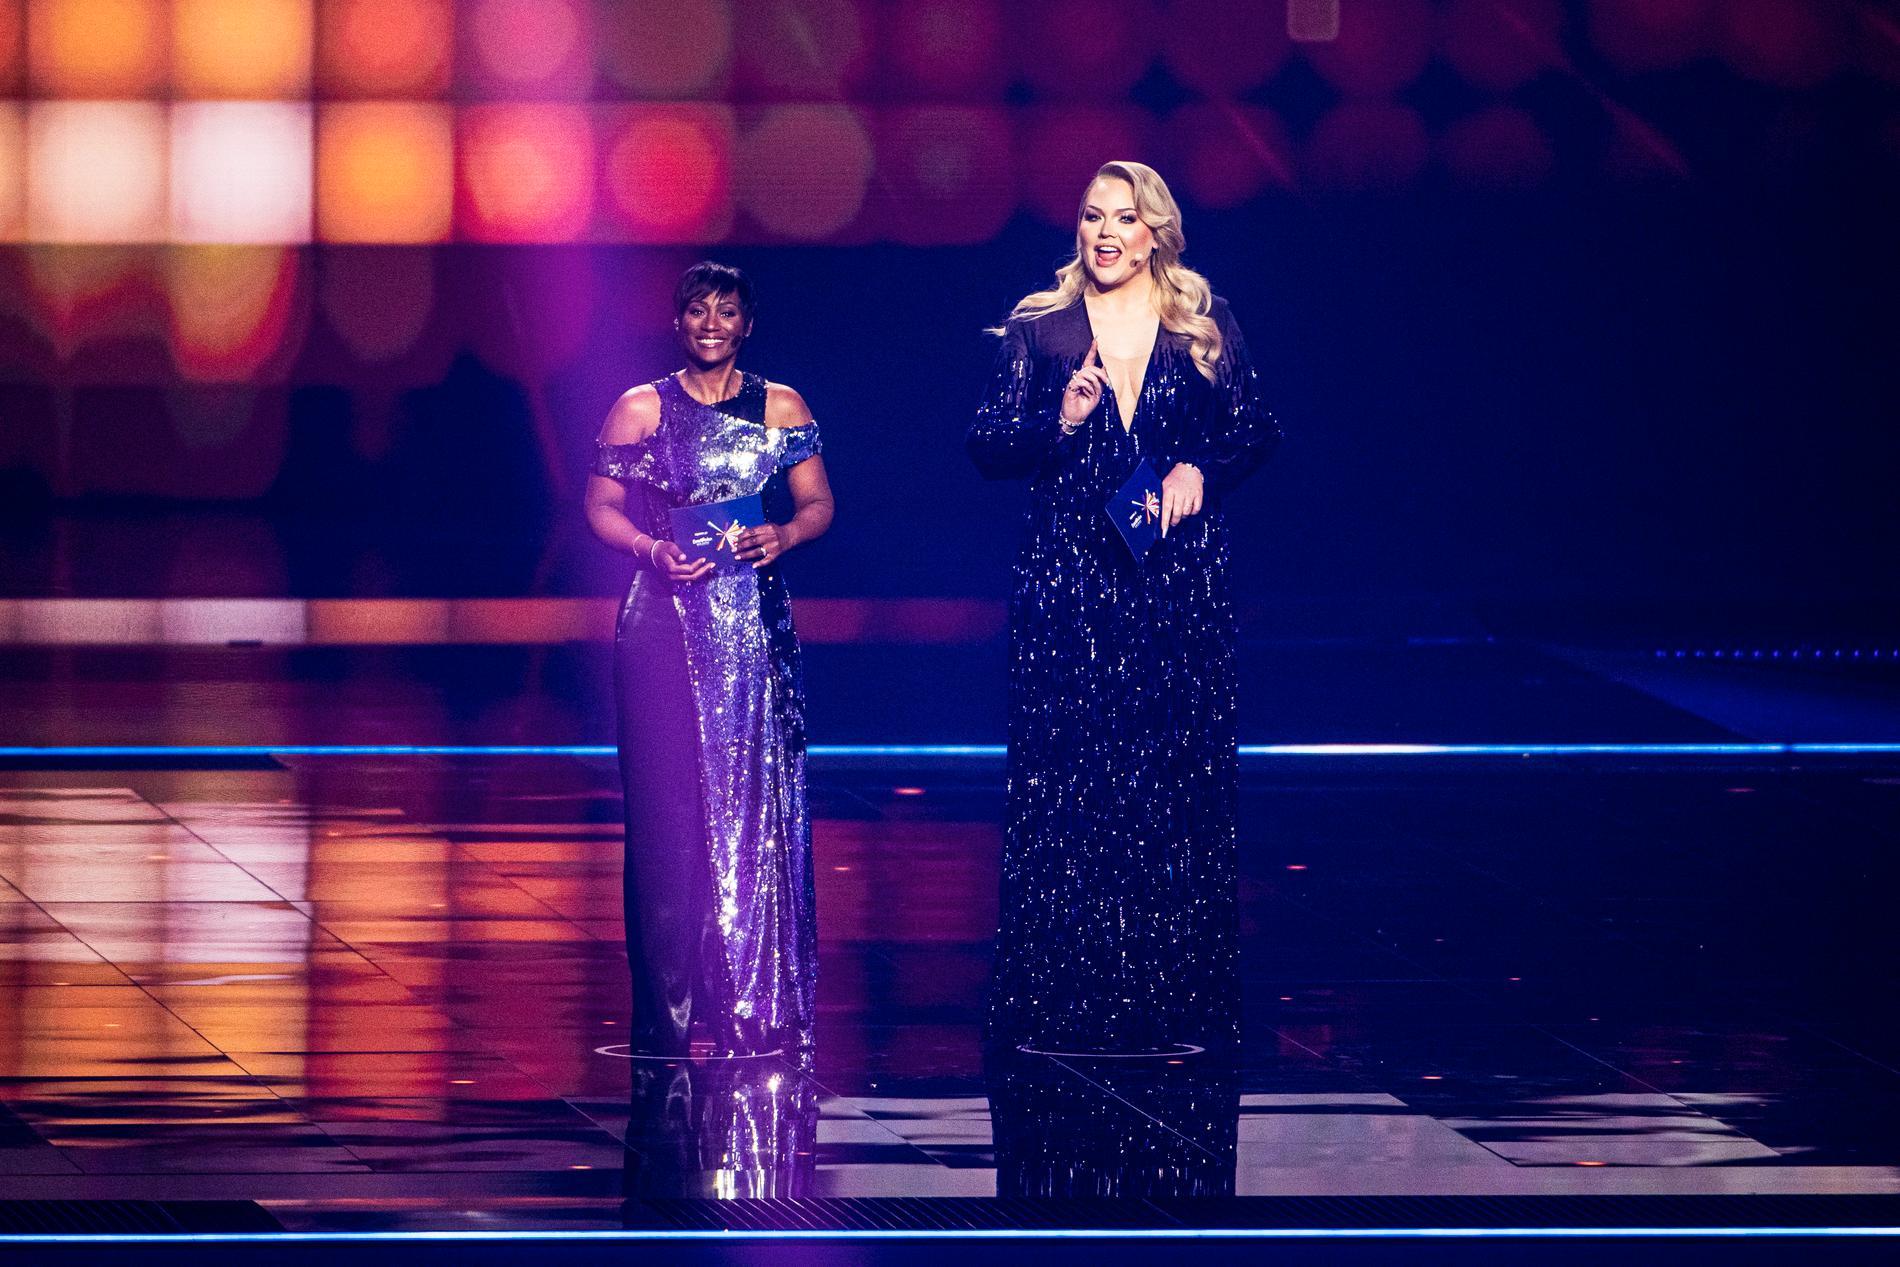 Programledarna Edsilia Rombley och Nikkie de Jager, mer känd som Youtube-profilen Nikkie Tutorials, låter inte Sverige och John Lundvik glömma nederlaget i Eurovision song contest 2019.